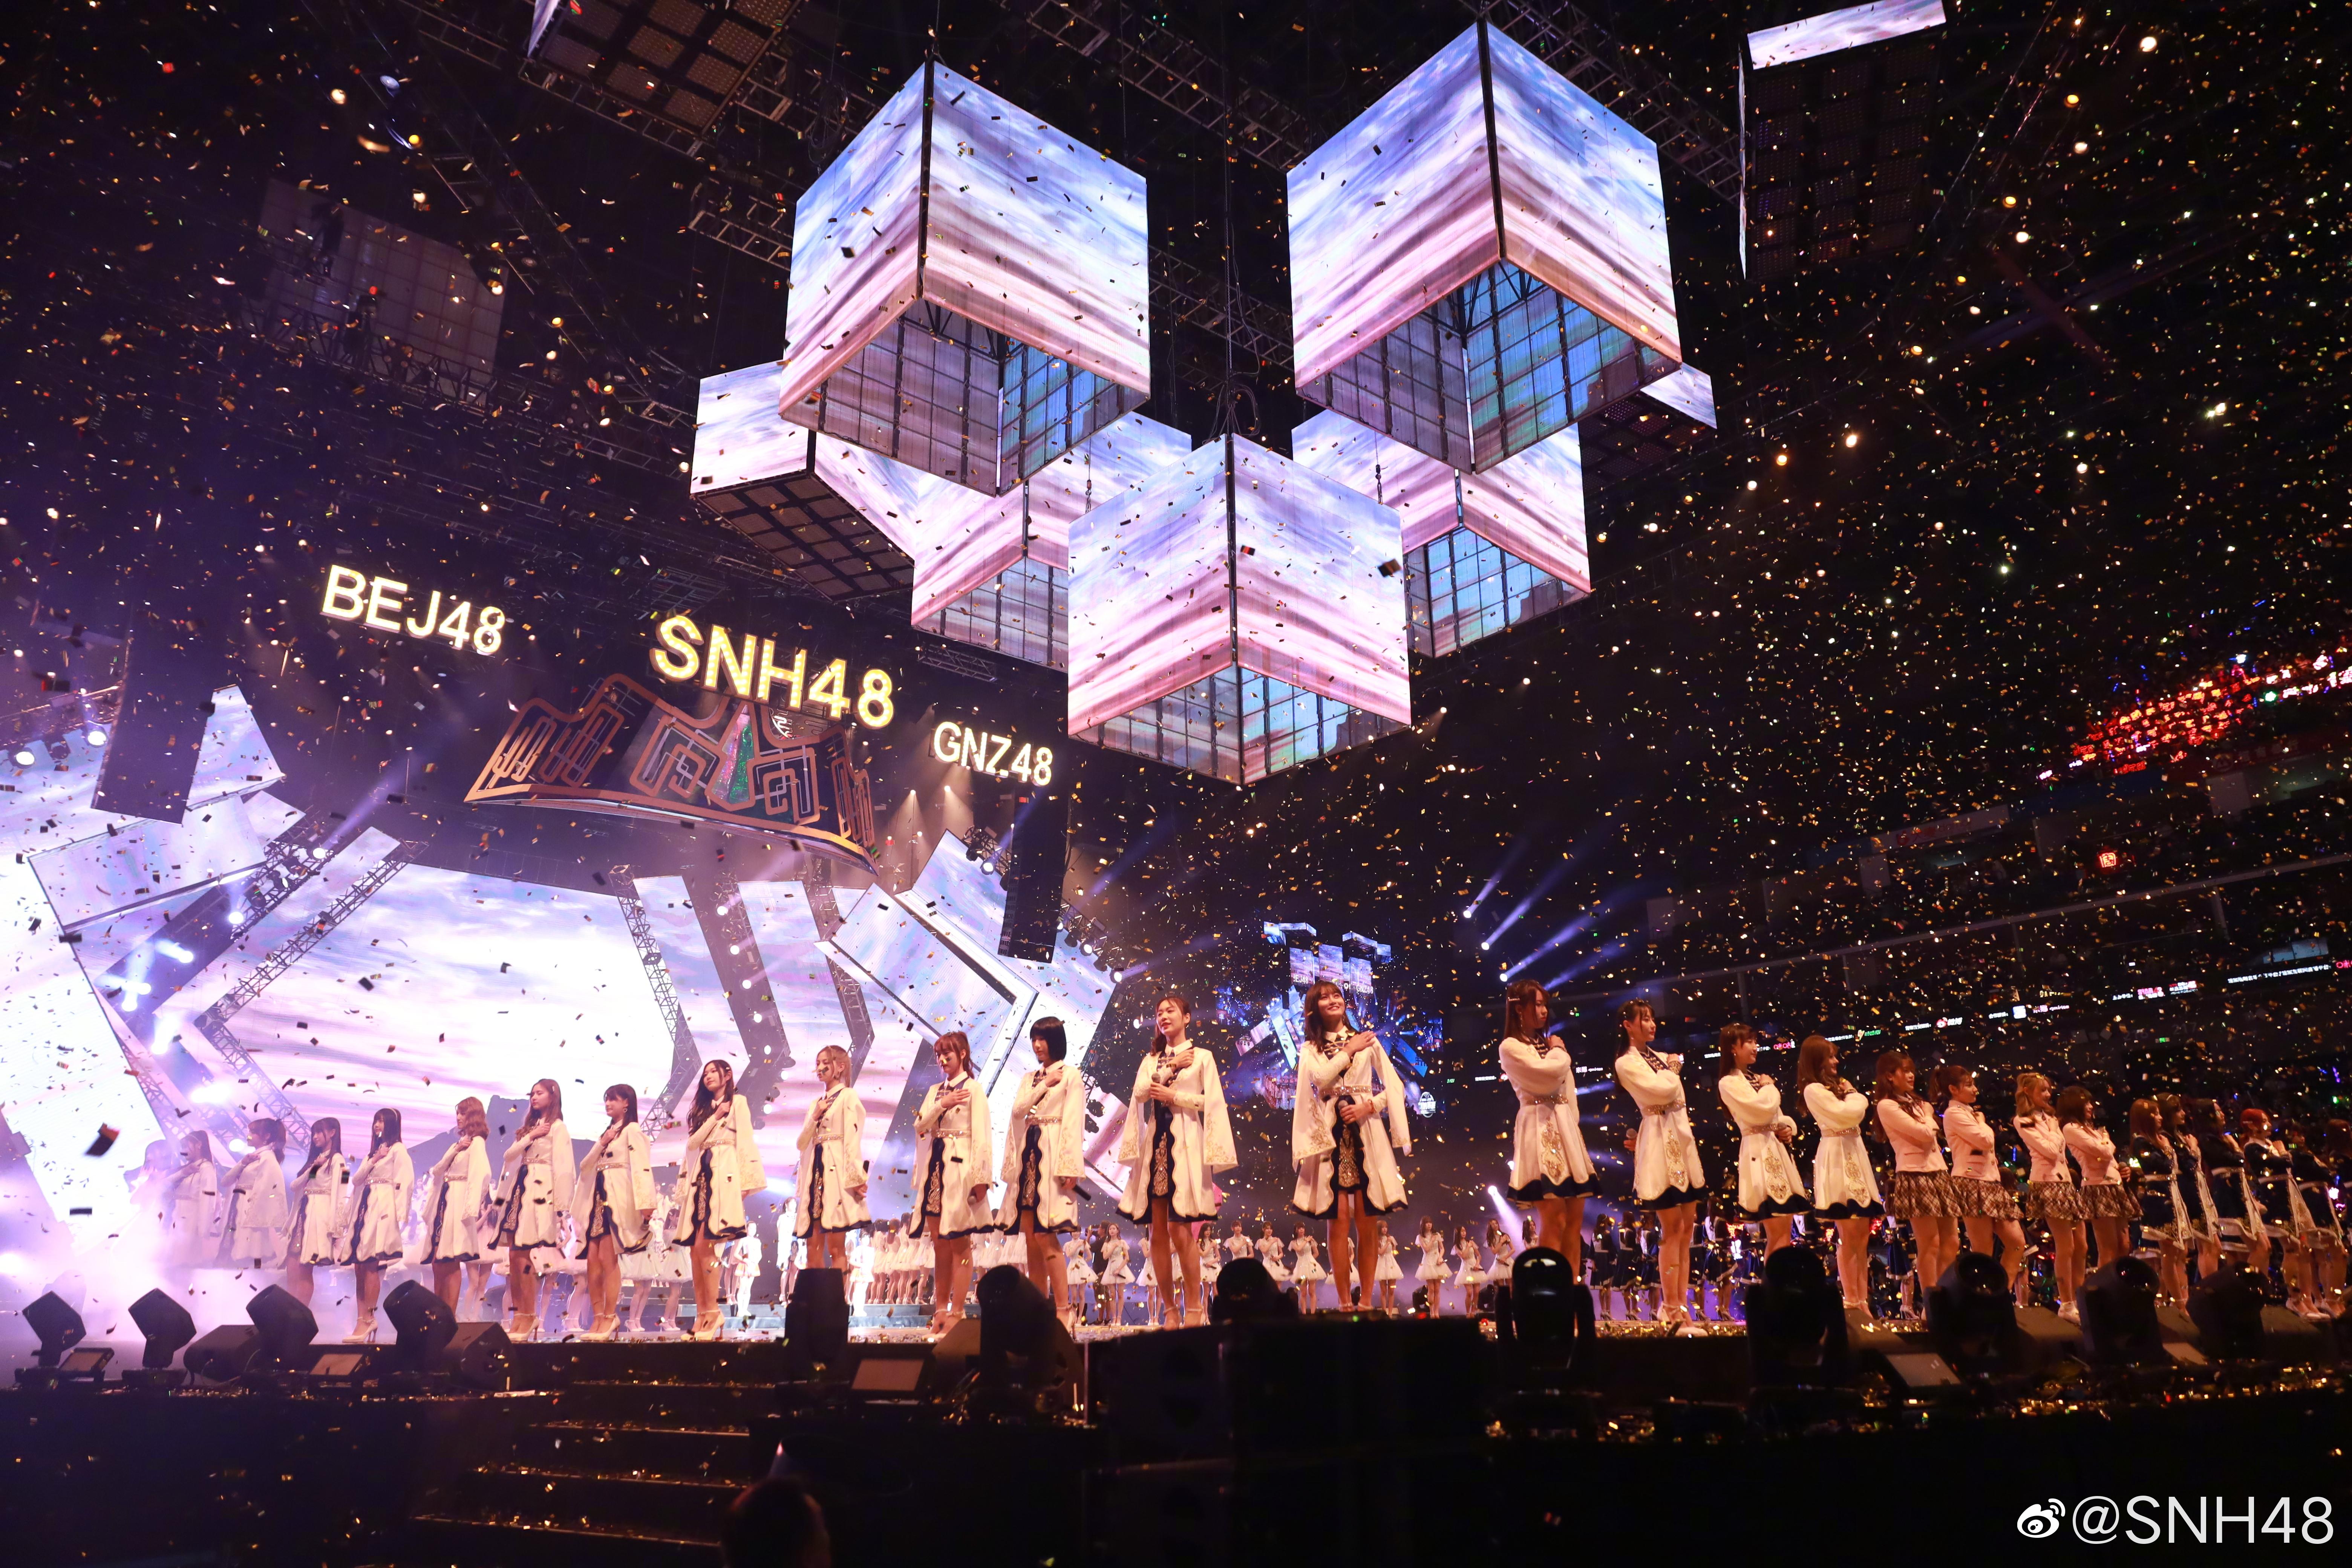 图片来源于微博@SNH48